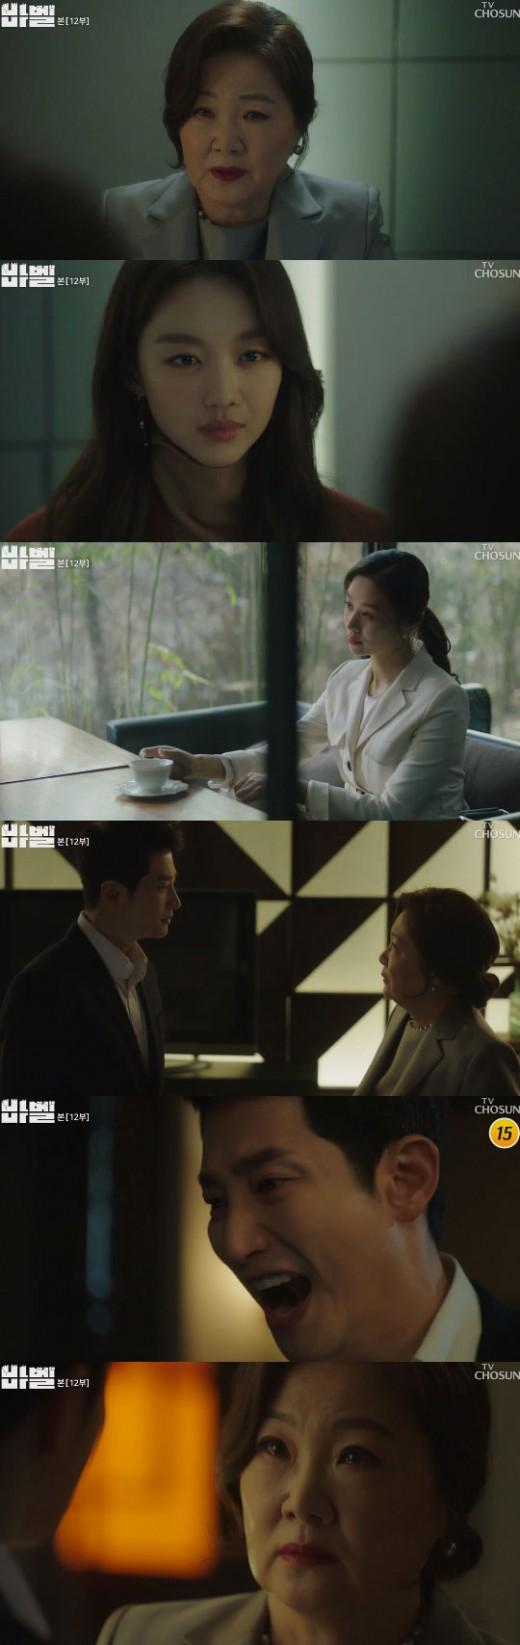 """'바벨' 박시후, 30년 전 父죽인 김해숙에 분노폭발 """"왜 죽였어!"""" [종합]"""